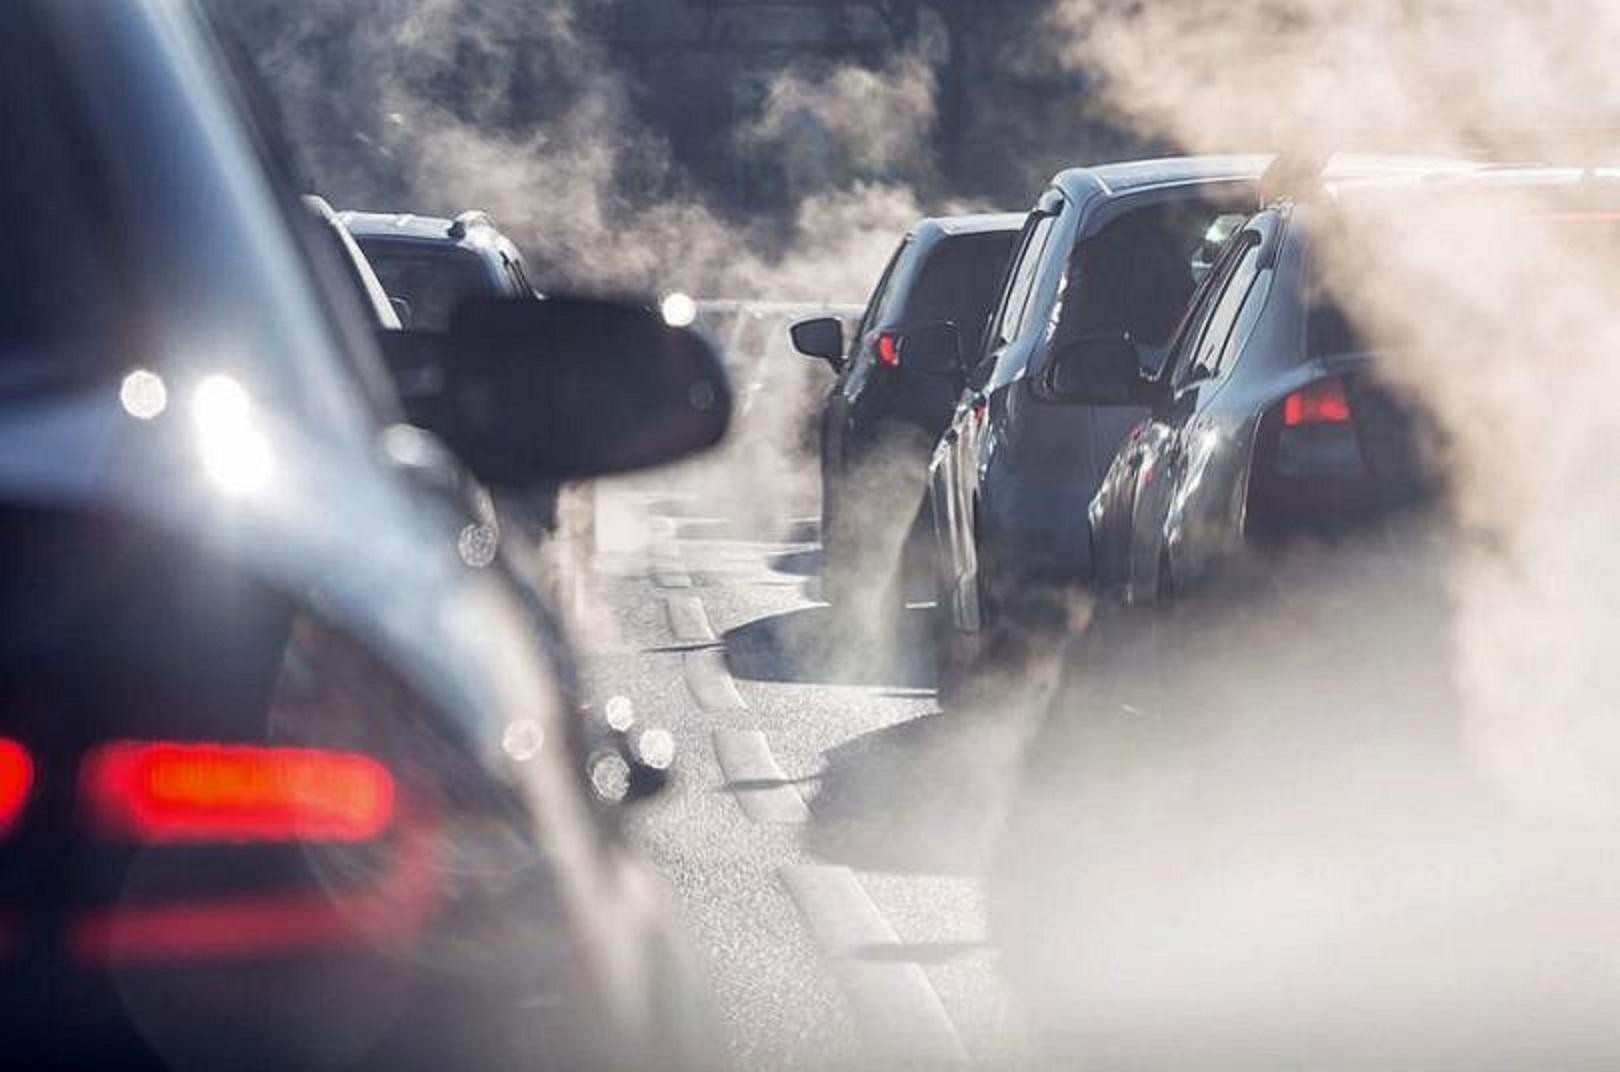 Anh tuyên án tử với xe chạy xăng, dầu và xe lai kể từ năm 2035